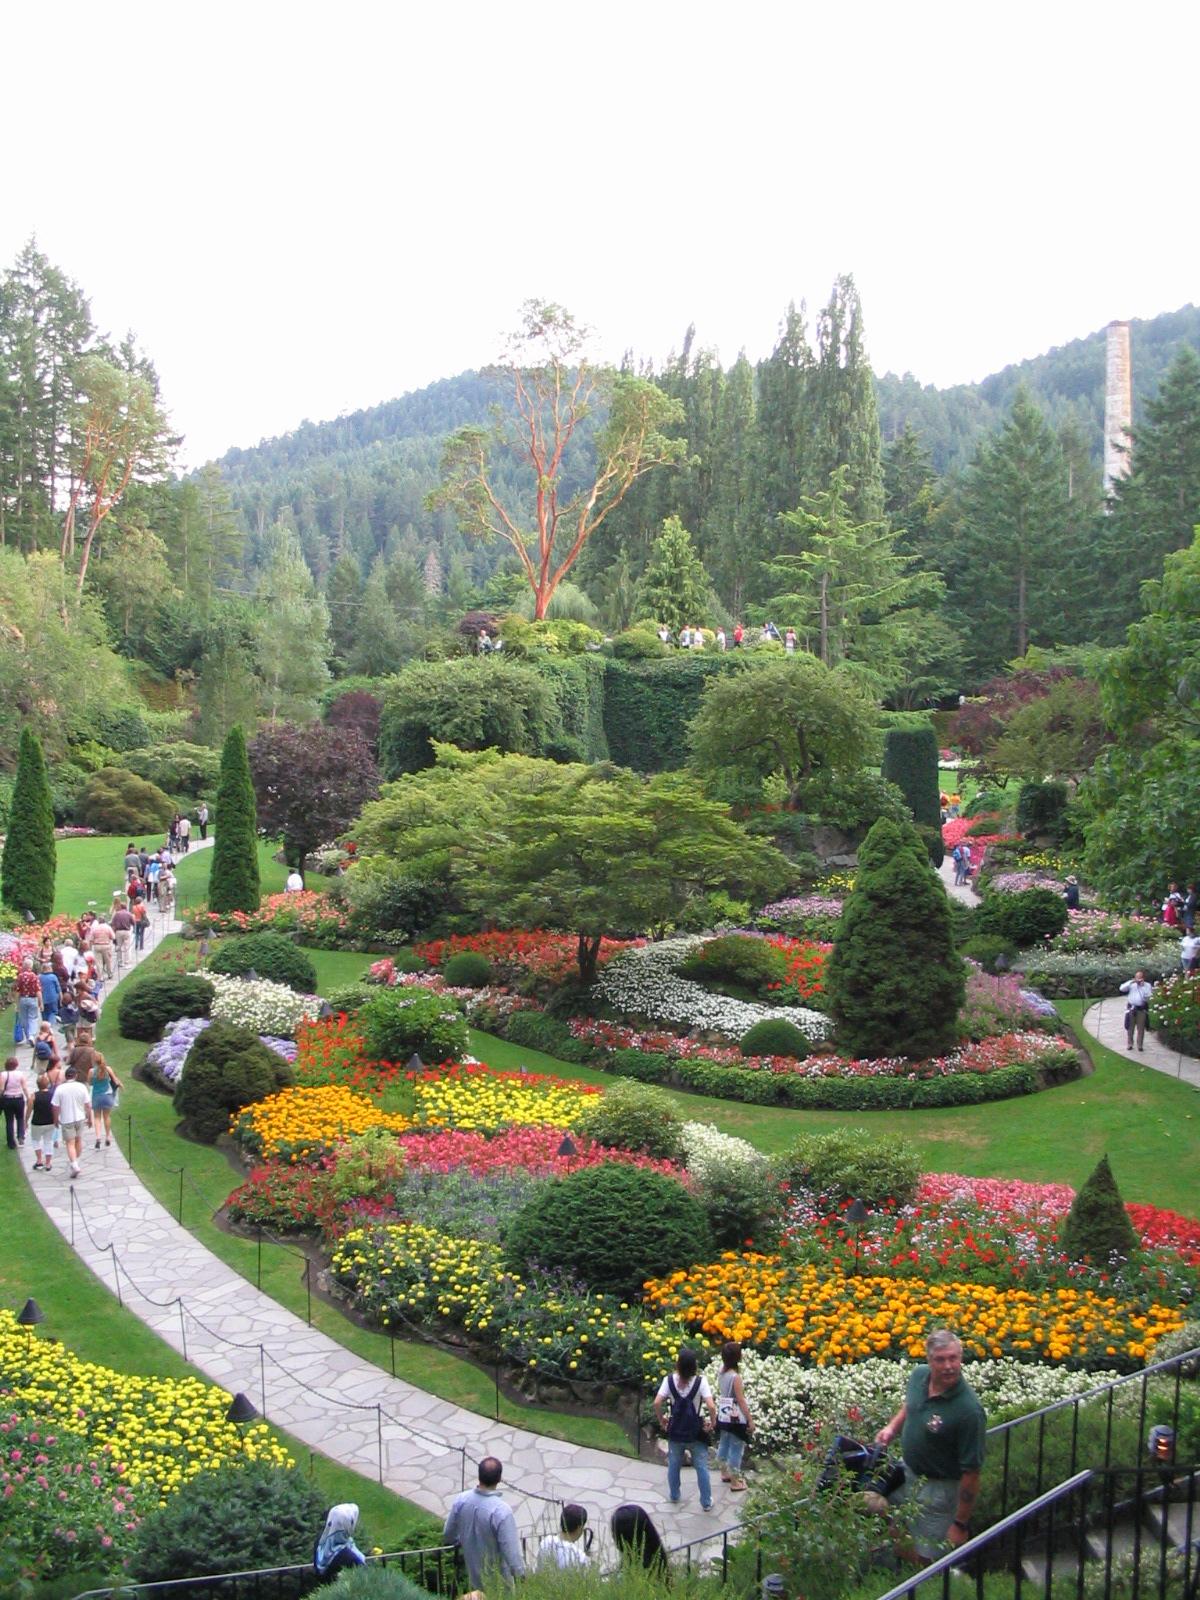 Jardins de butchart wikip dia a enciclop dia livre - Fotografias de jardines ...